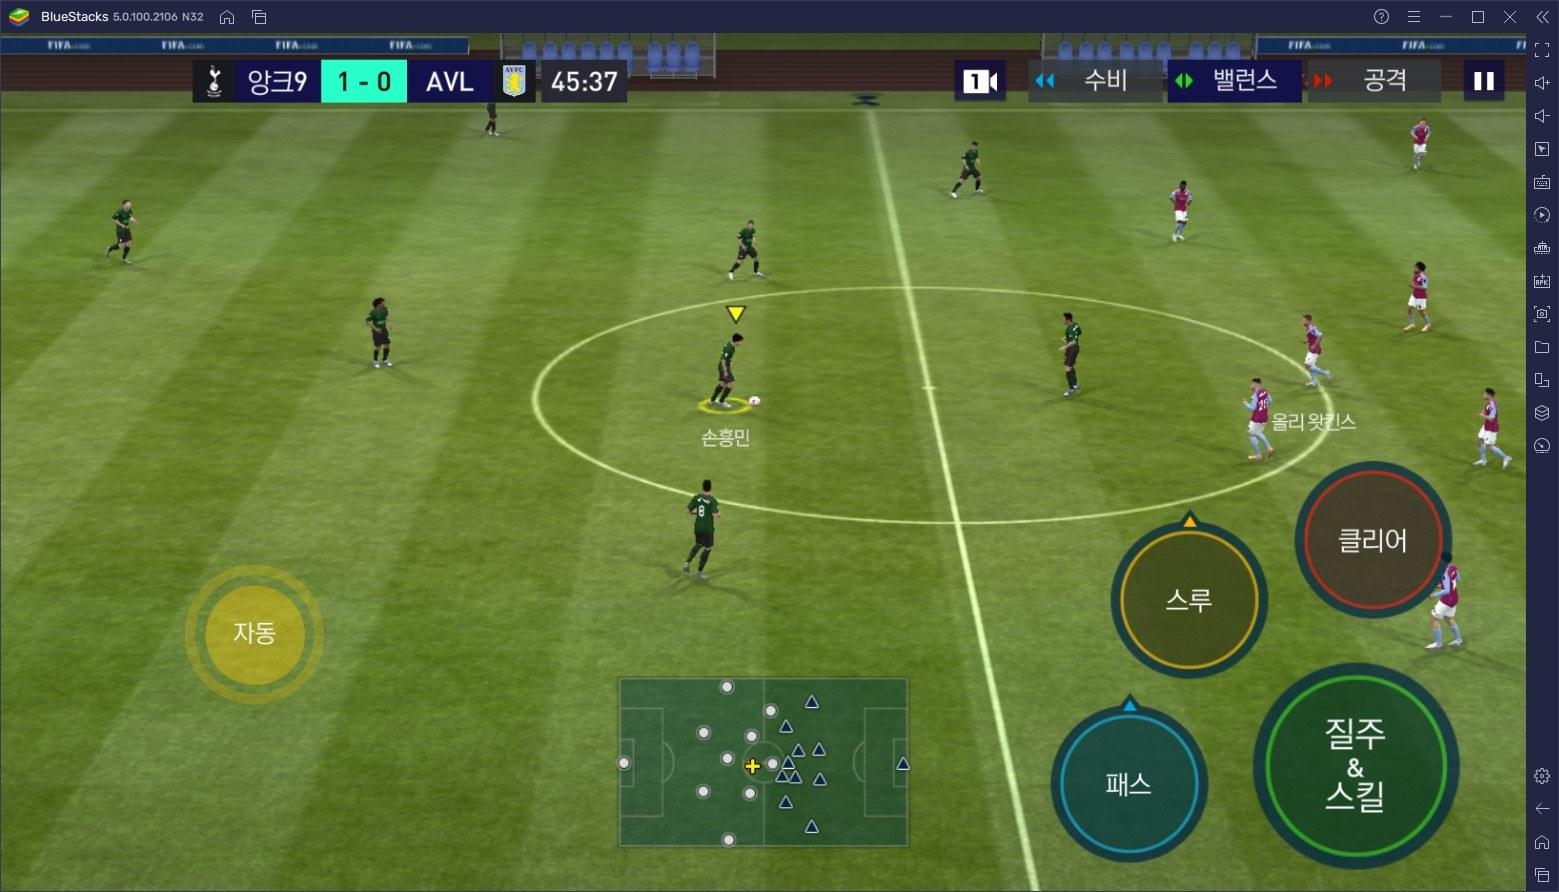 접속만해도 에릭 칸토나 획득 가능, 피파 모바일을 지금 바로 PC에서 블루스택 앱플레이어로 즐겨보세요!